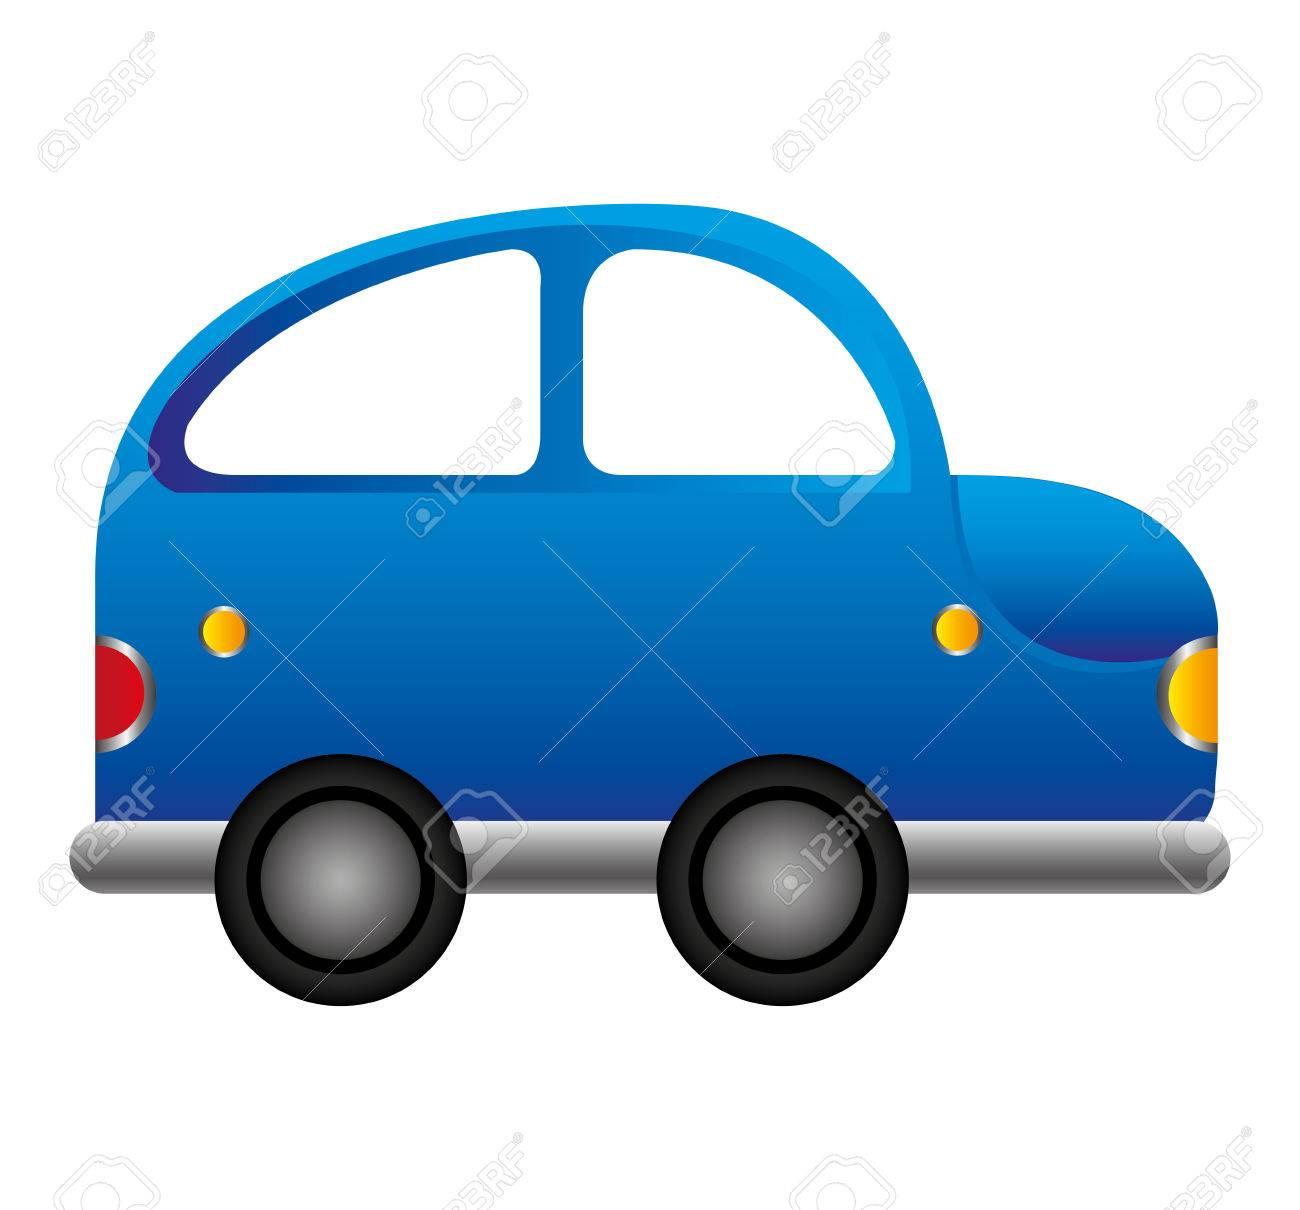 車車ビートル分離アイコン ベクトル イラスト デザインのイラスト素材